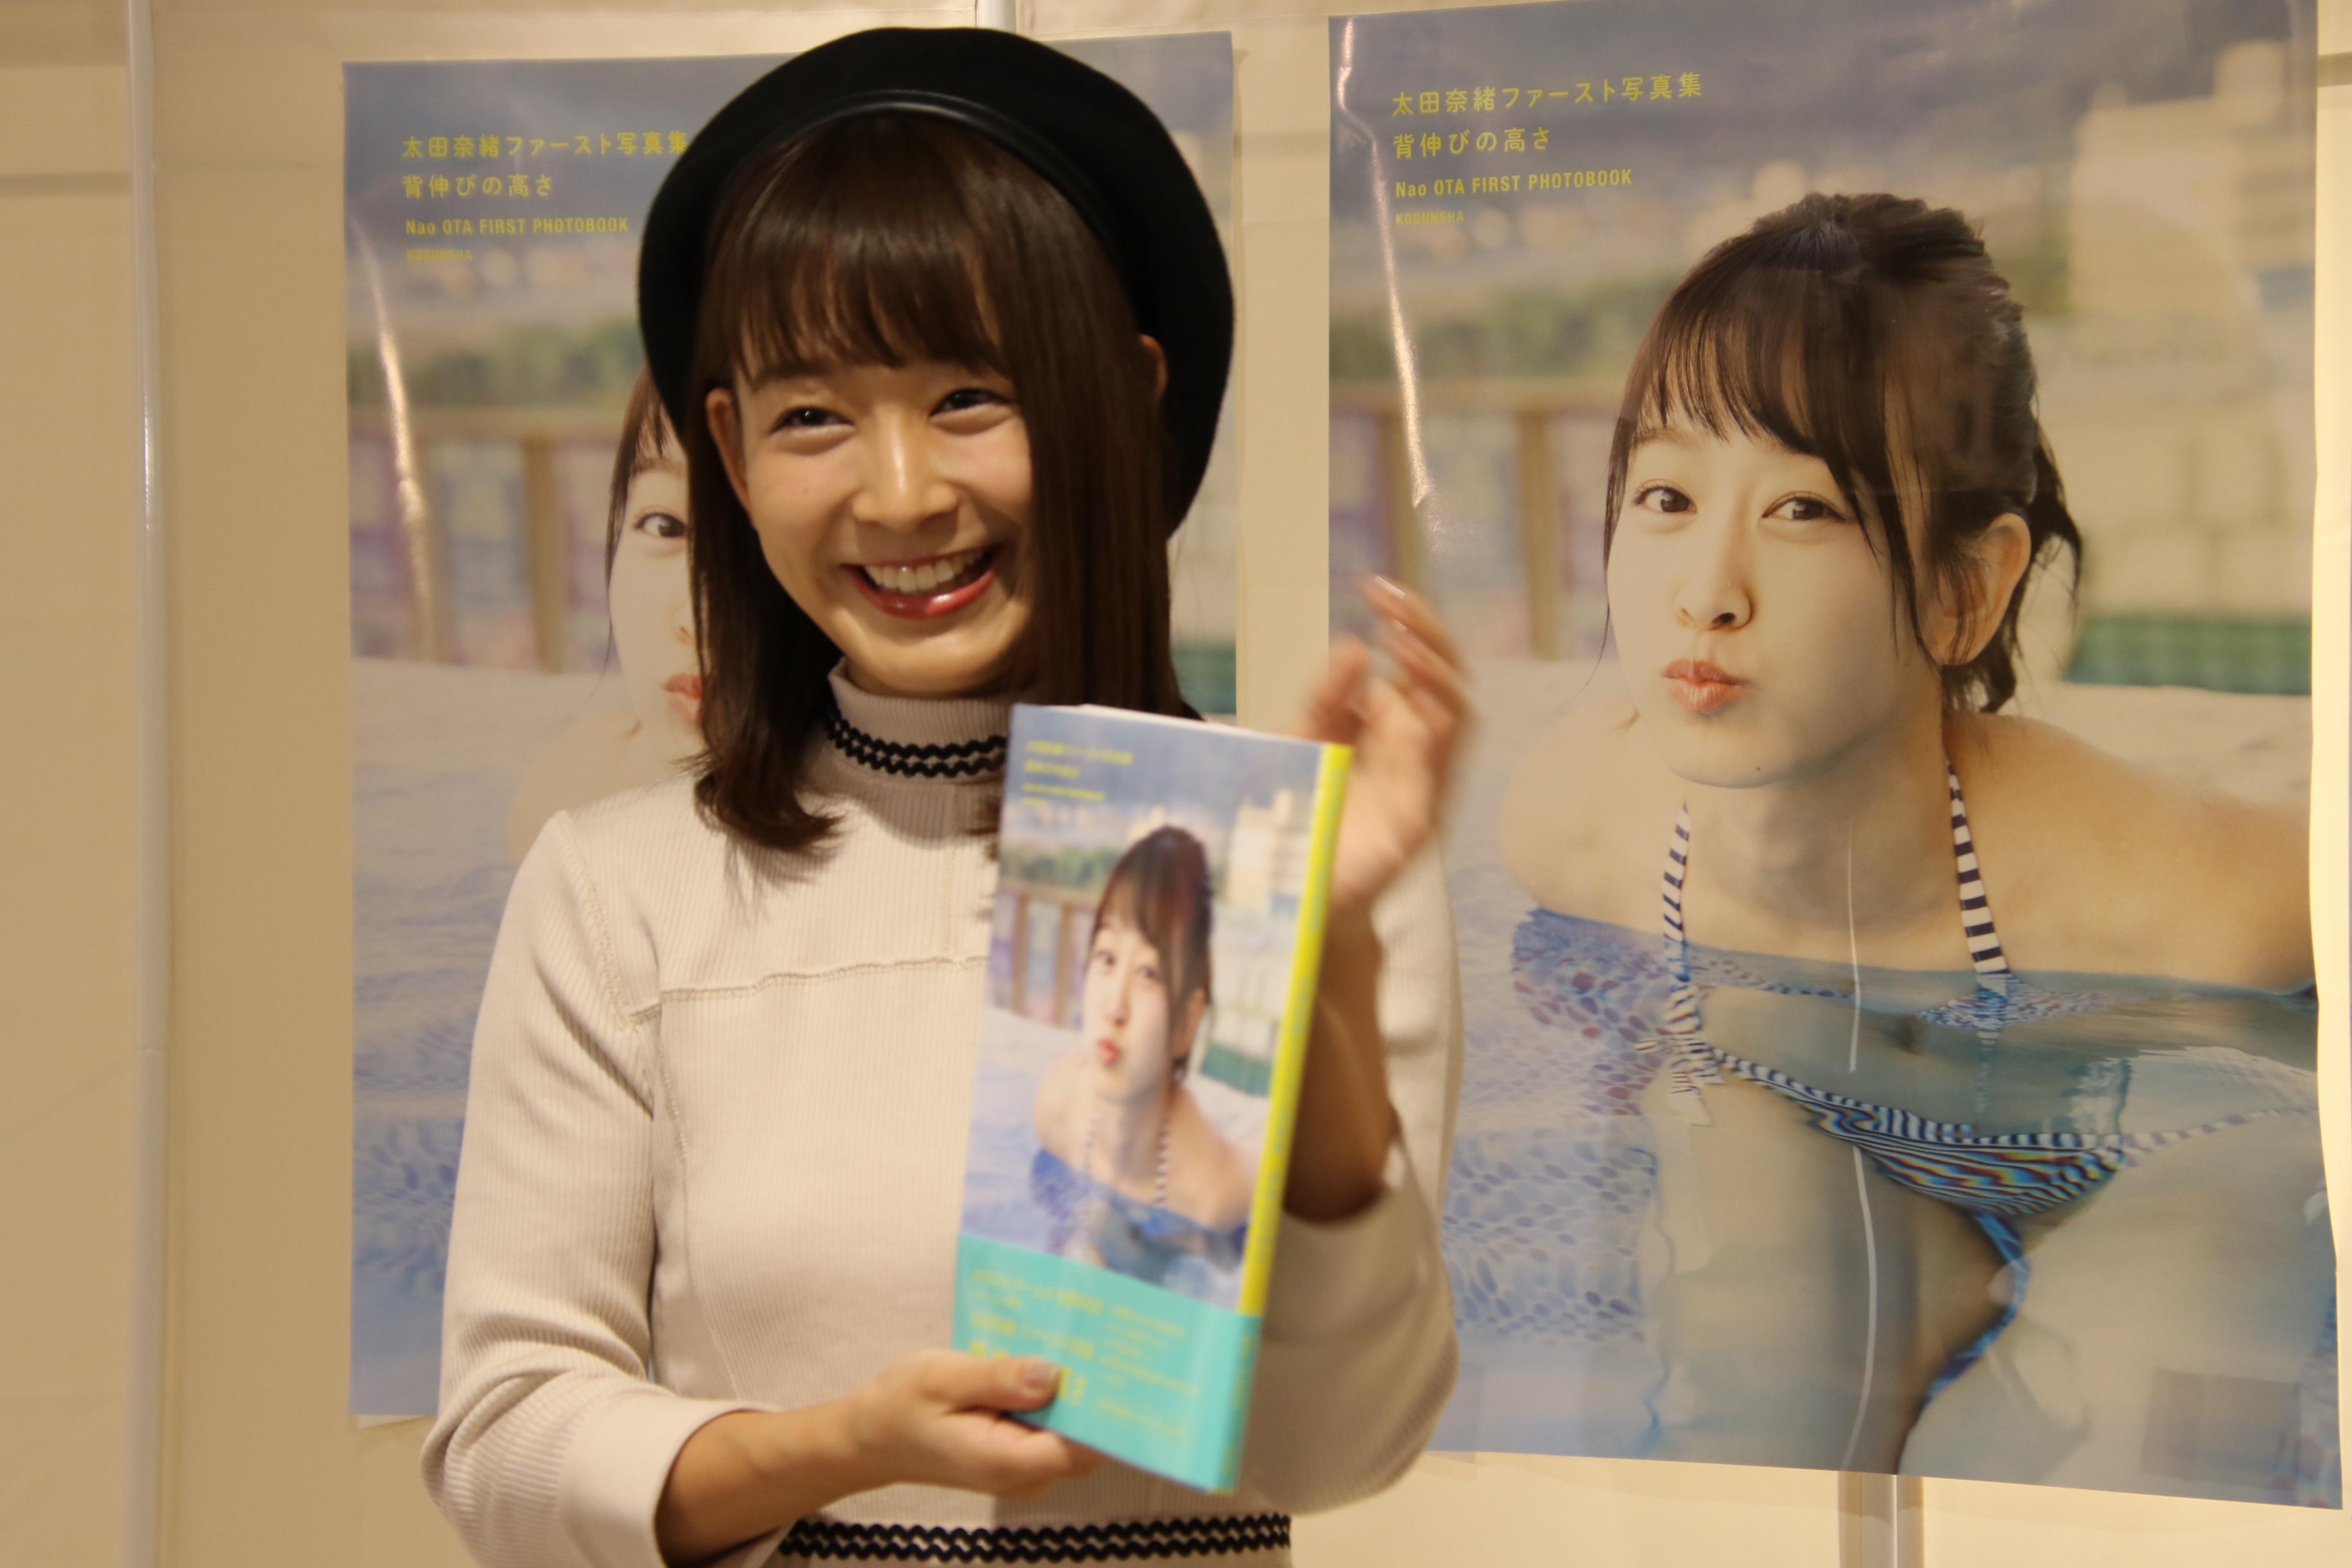 写真集お渡し会前の囲み取材は楽しく終始笑顔だった太田奈緒